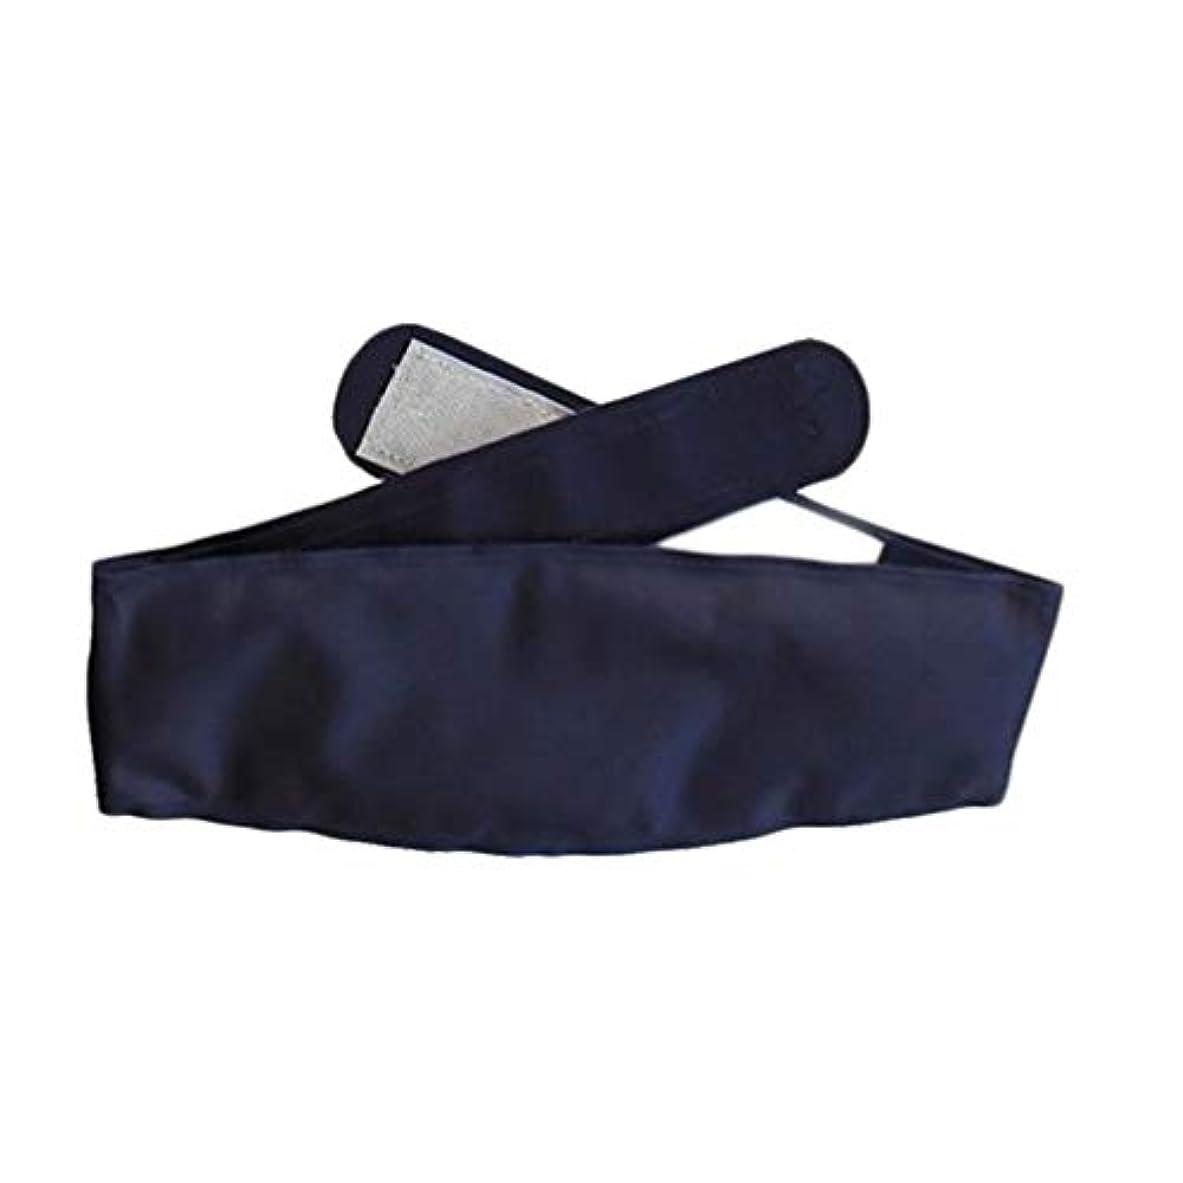 再発する暴君外交SUPVOX ウェアラブルアイスパック頭痛アイスバッグラップショルダーバック膝の痛みを軽減